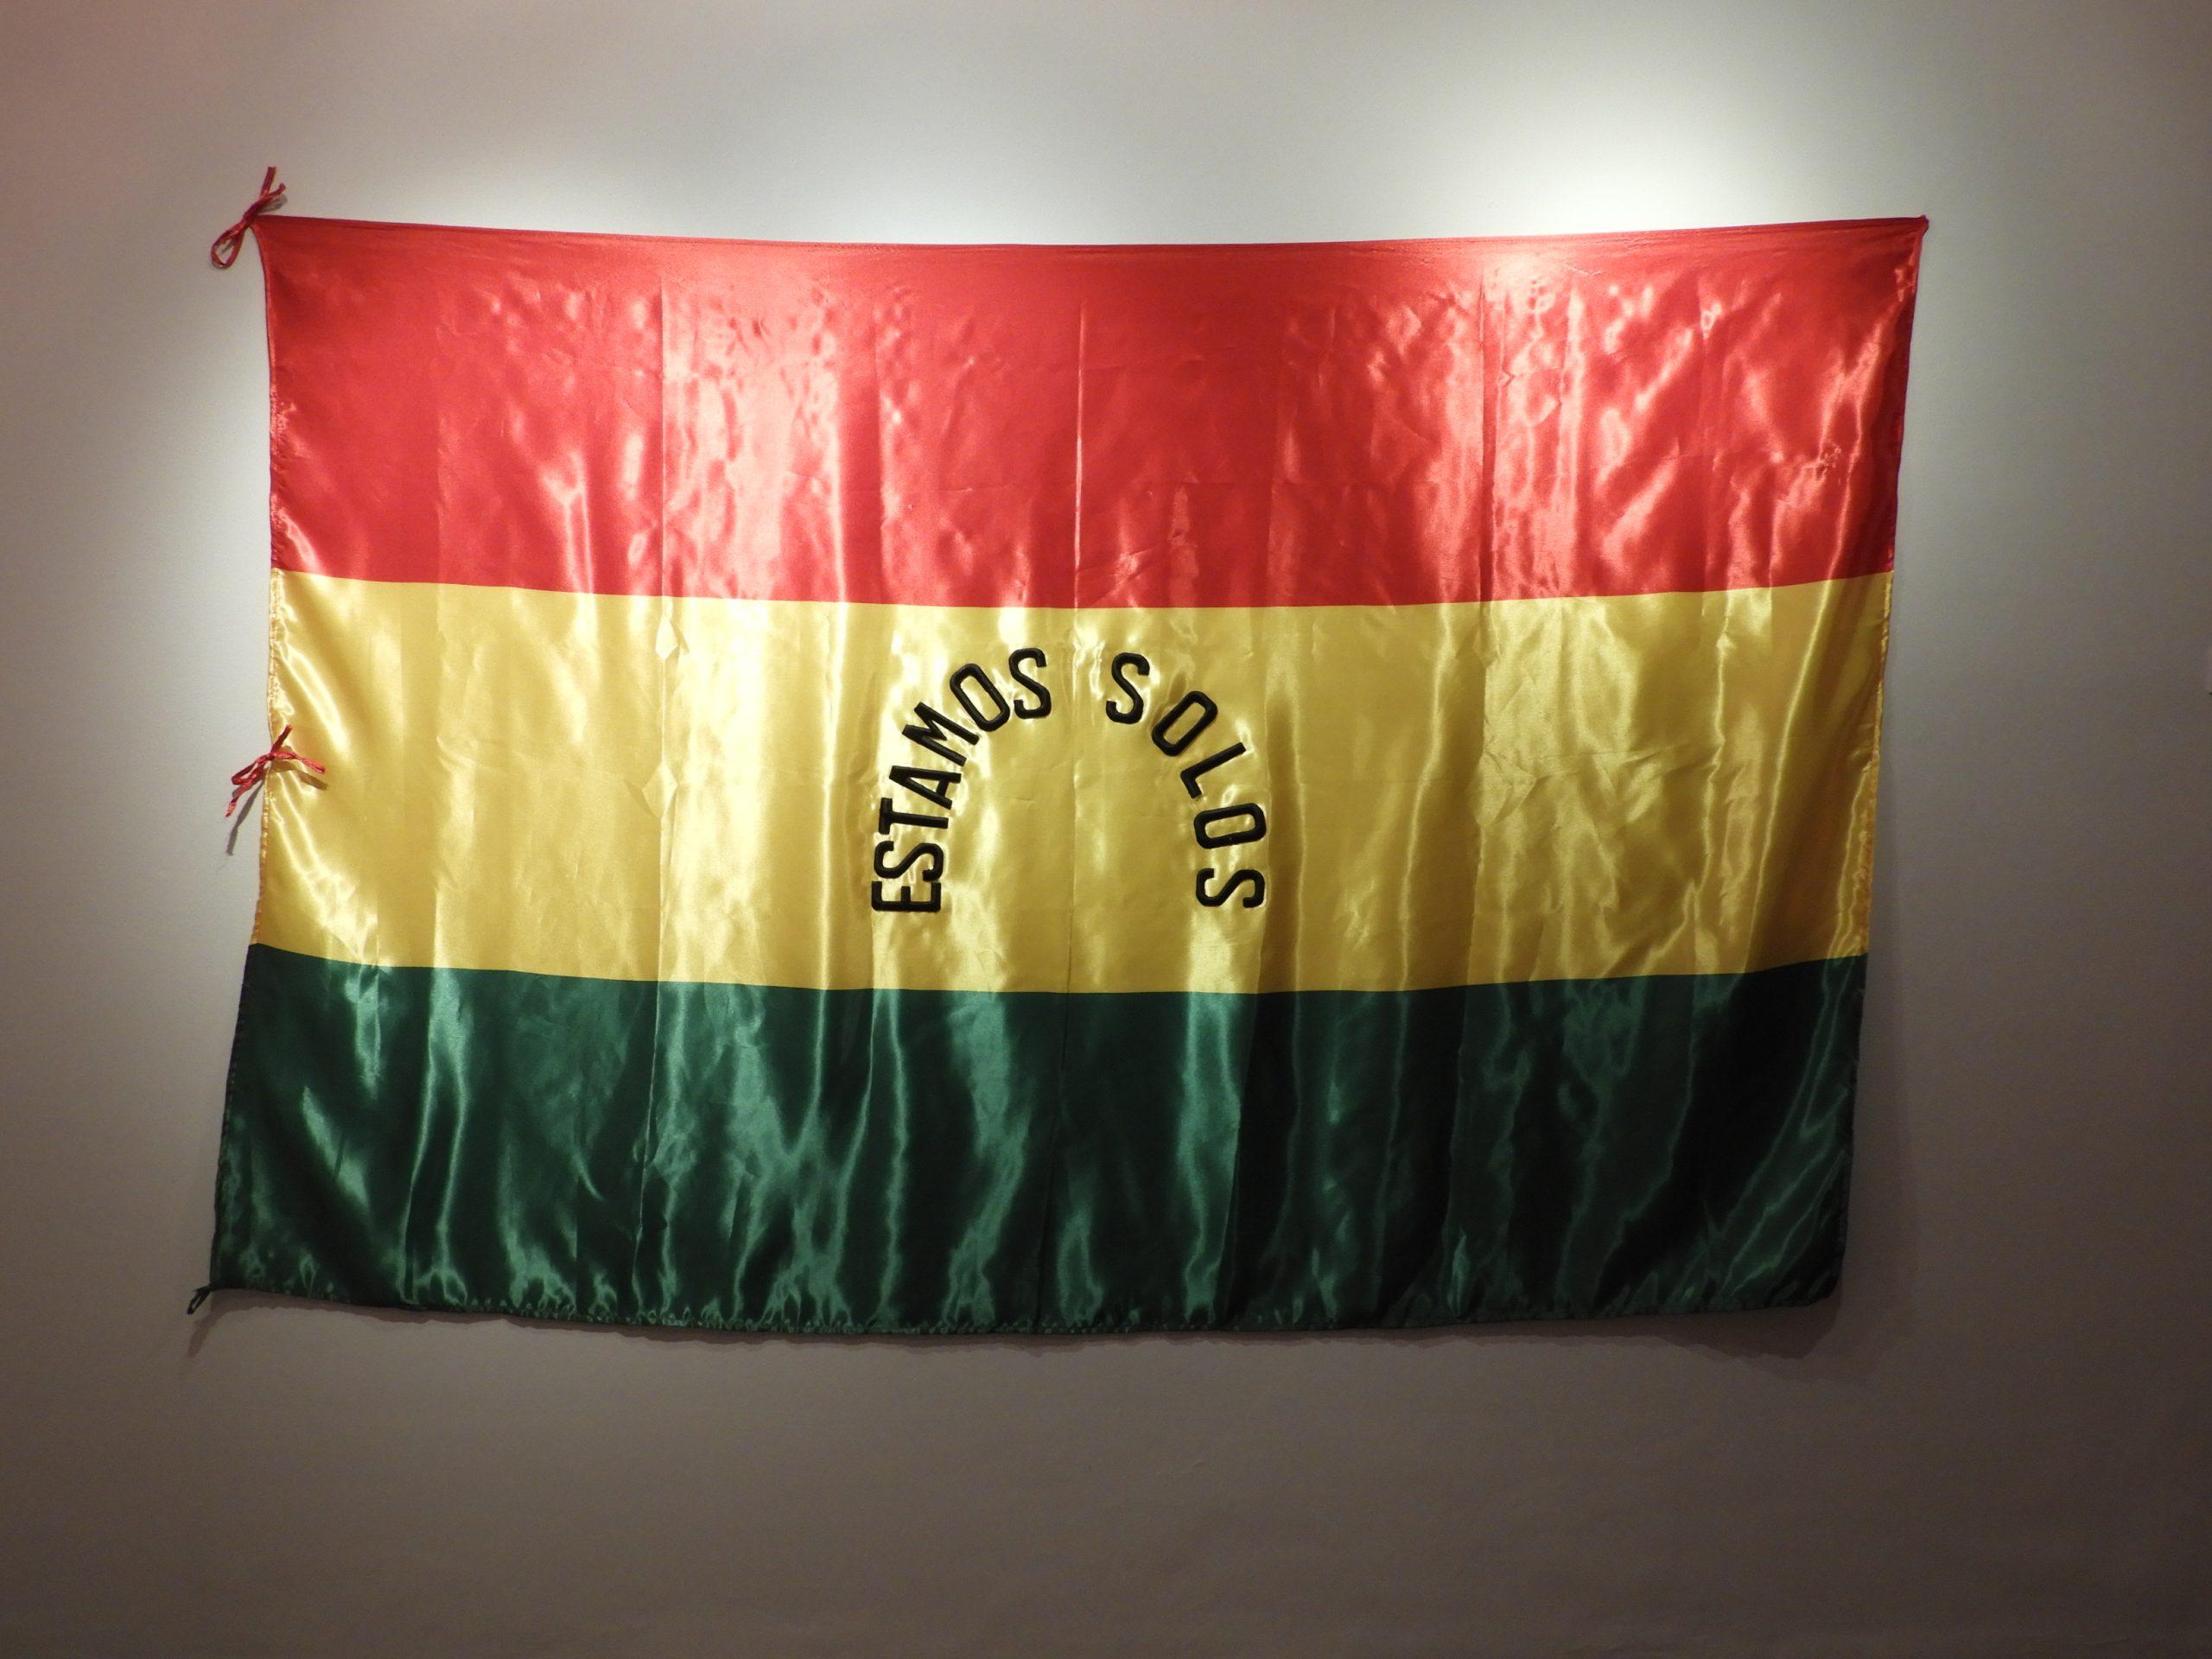 Una de las obras en exposición